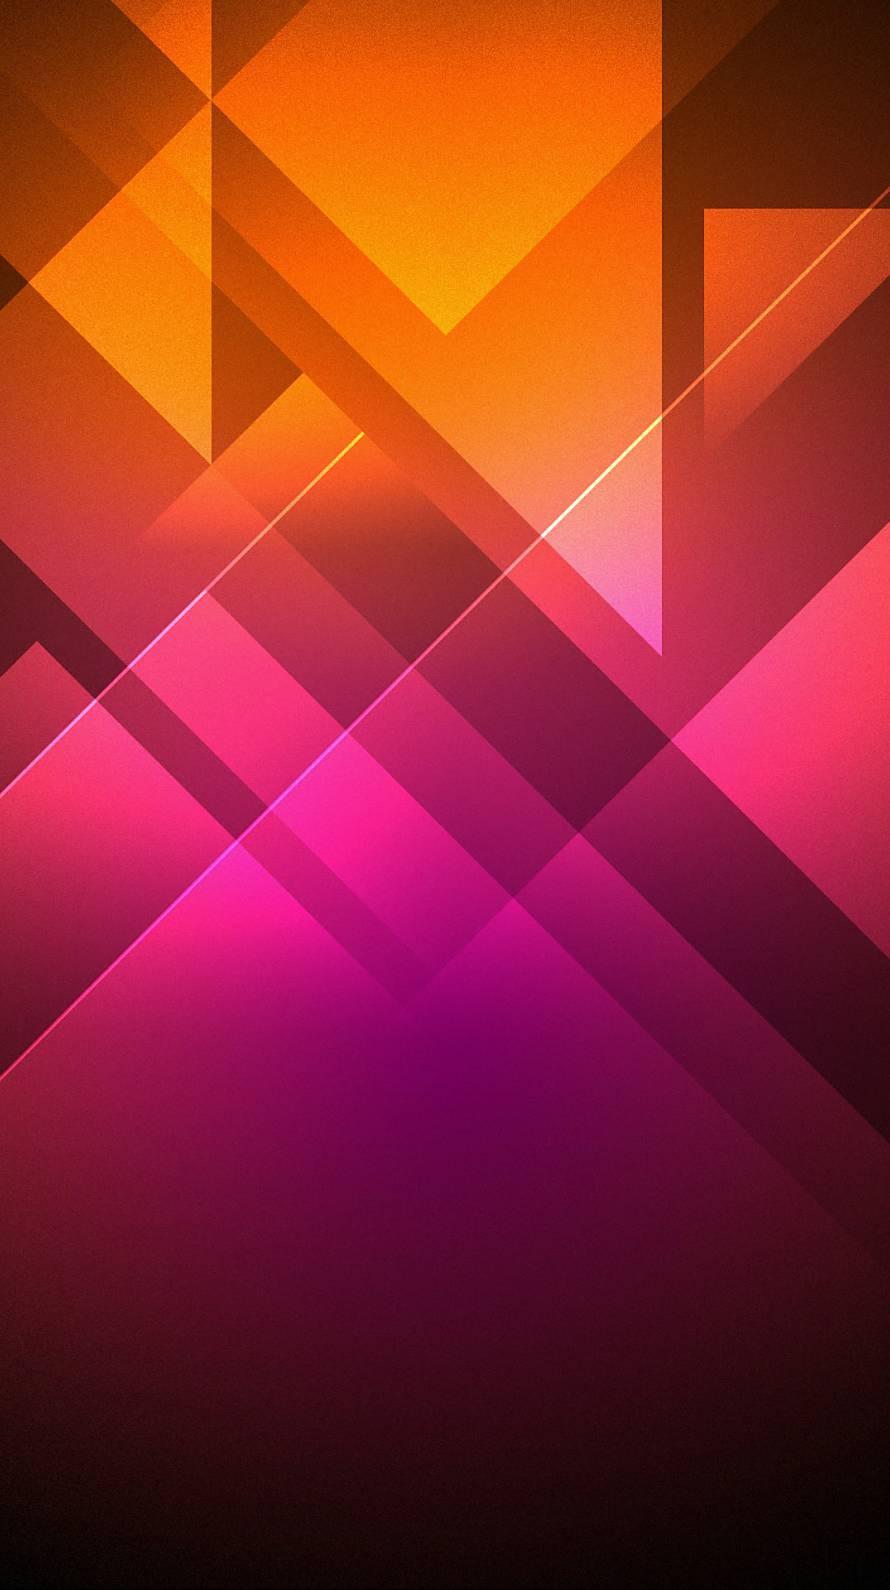 オレンジとピンクのグラデ iPhone6壁紙